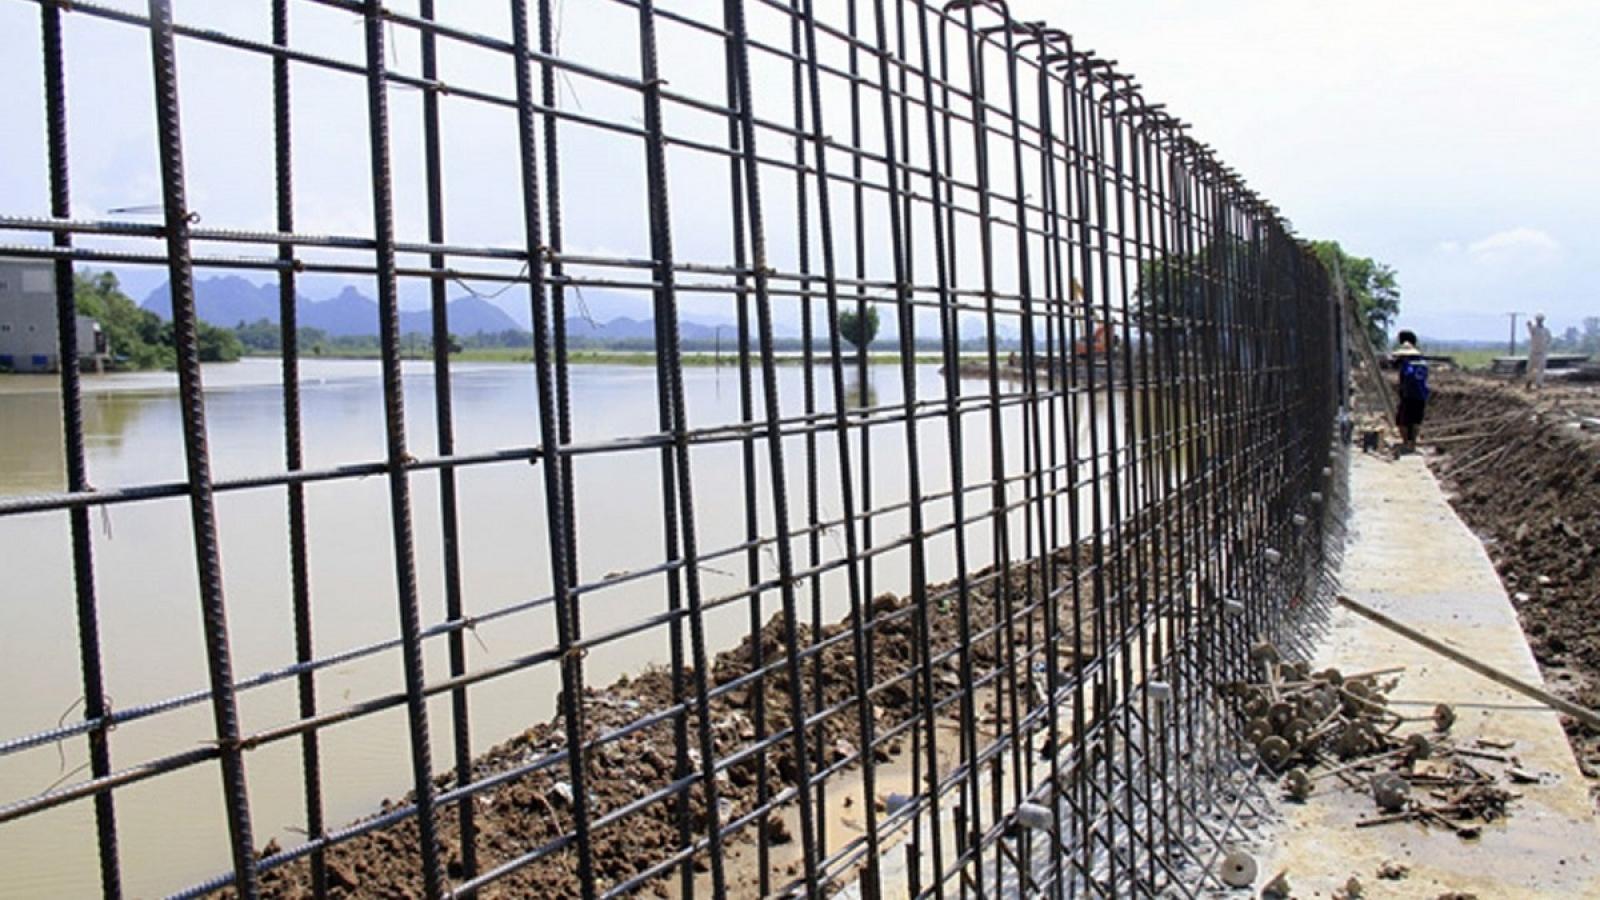 Canada áp thuế chống bán phá giá tạm thời với thép cốt bê tông nhập khẩu từ Việt Nam